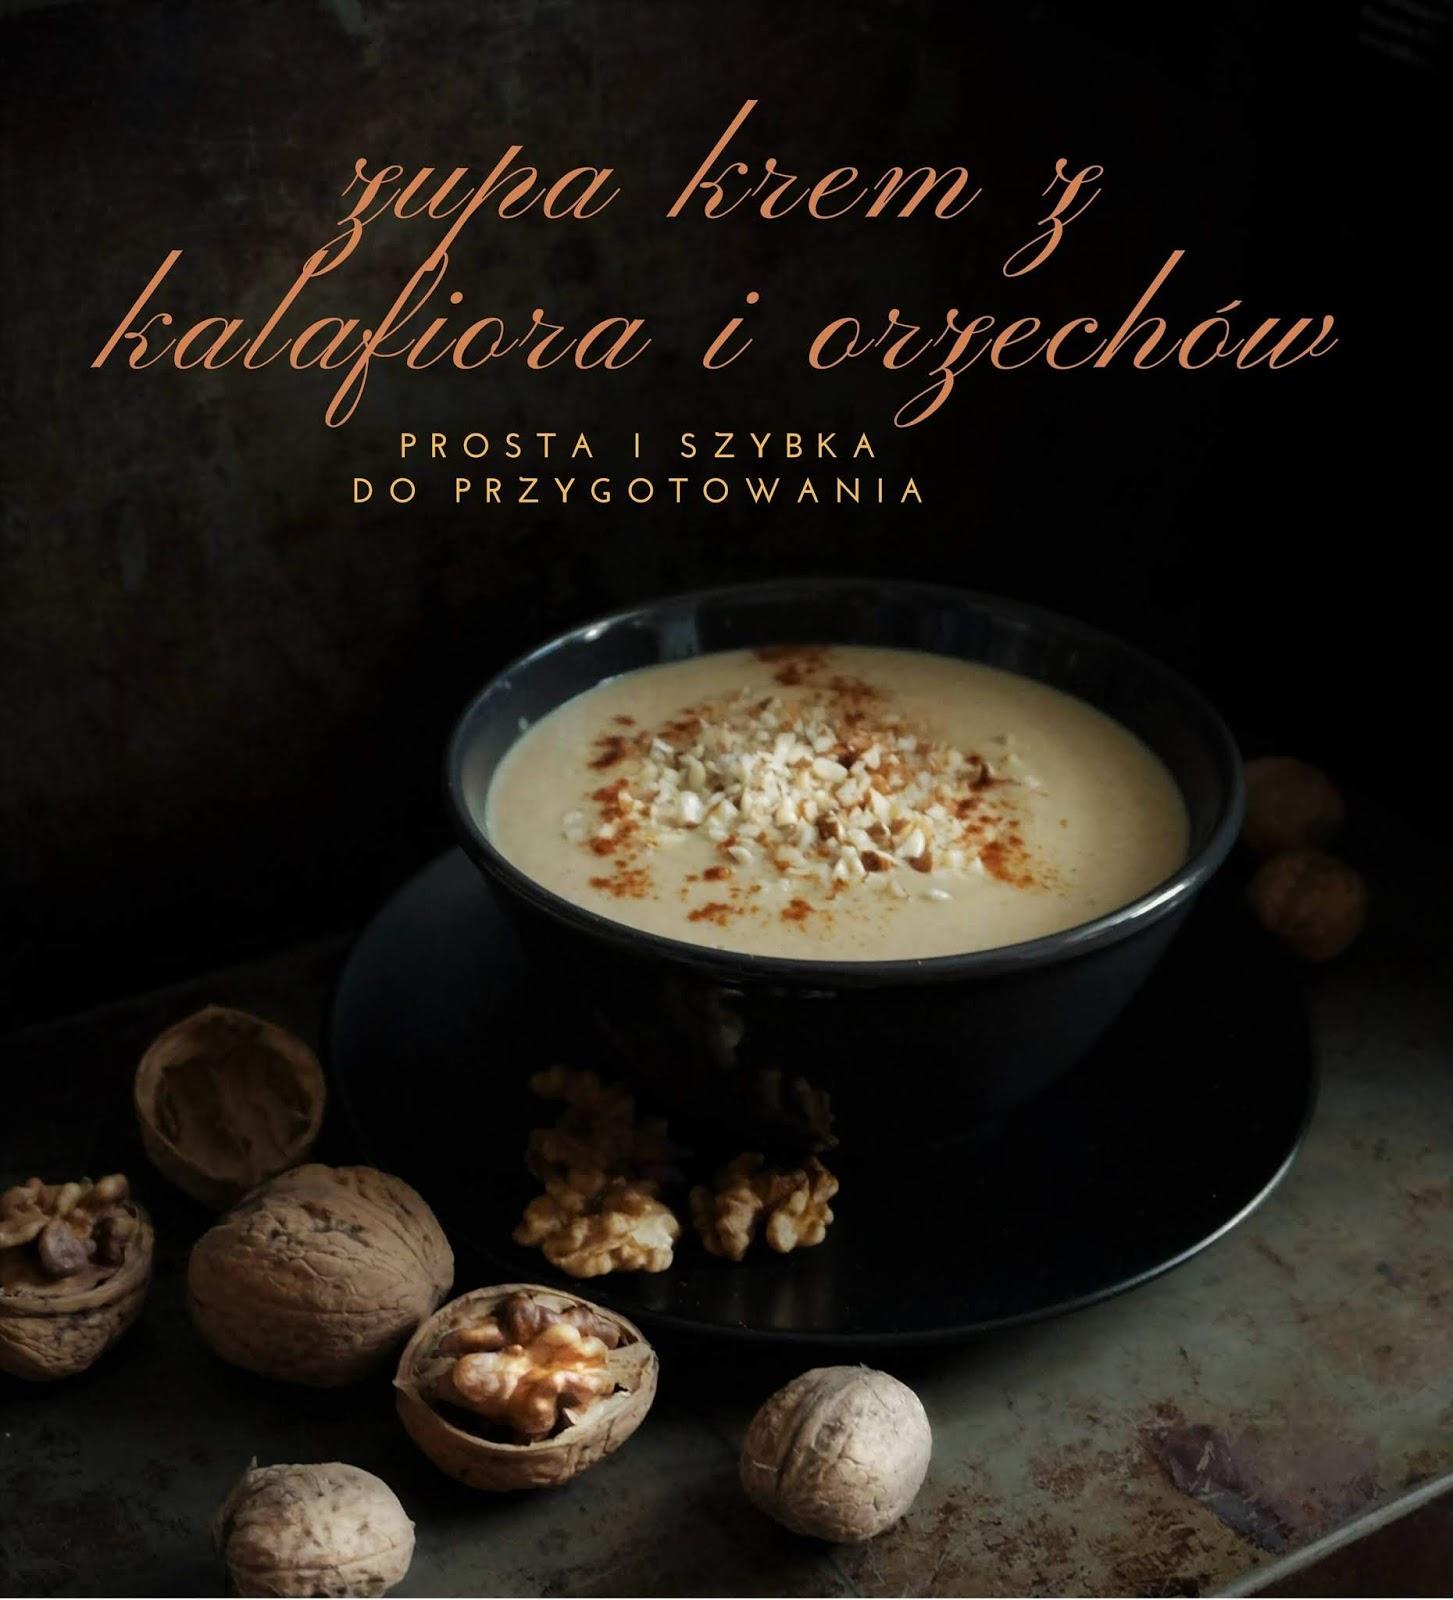 Zupa krem z kalafiora i orzechów